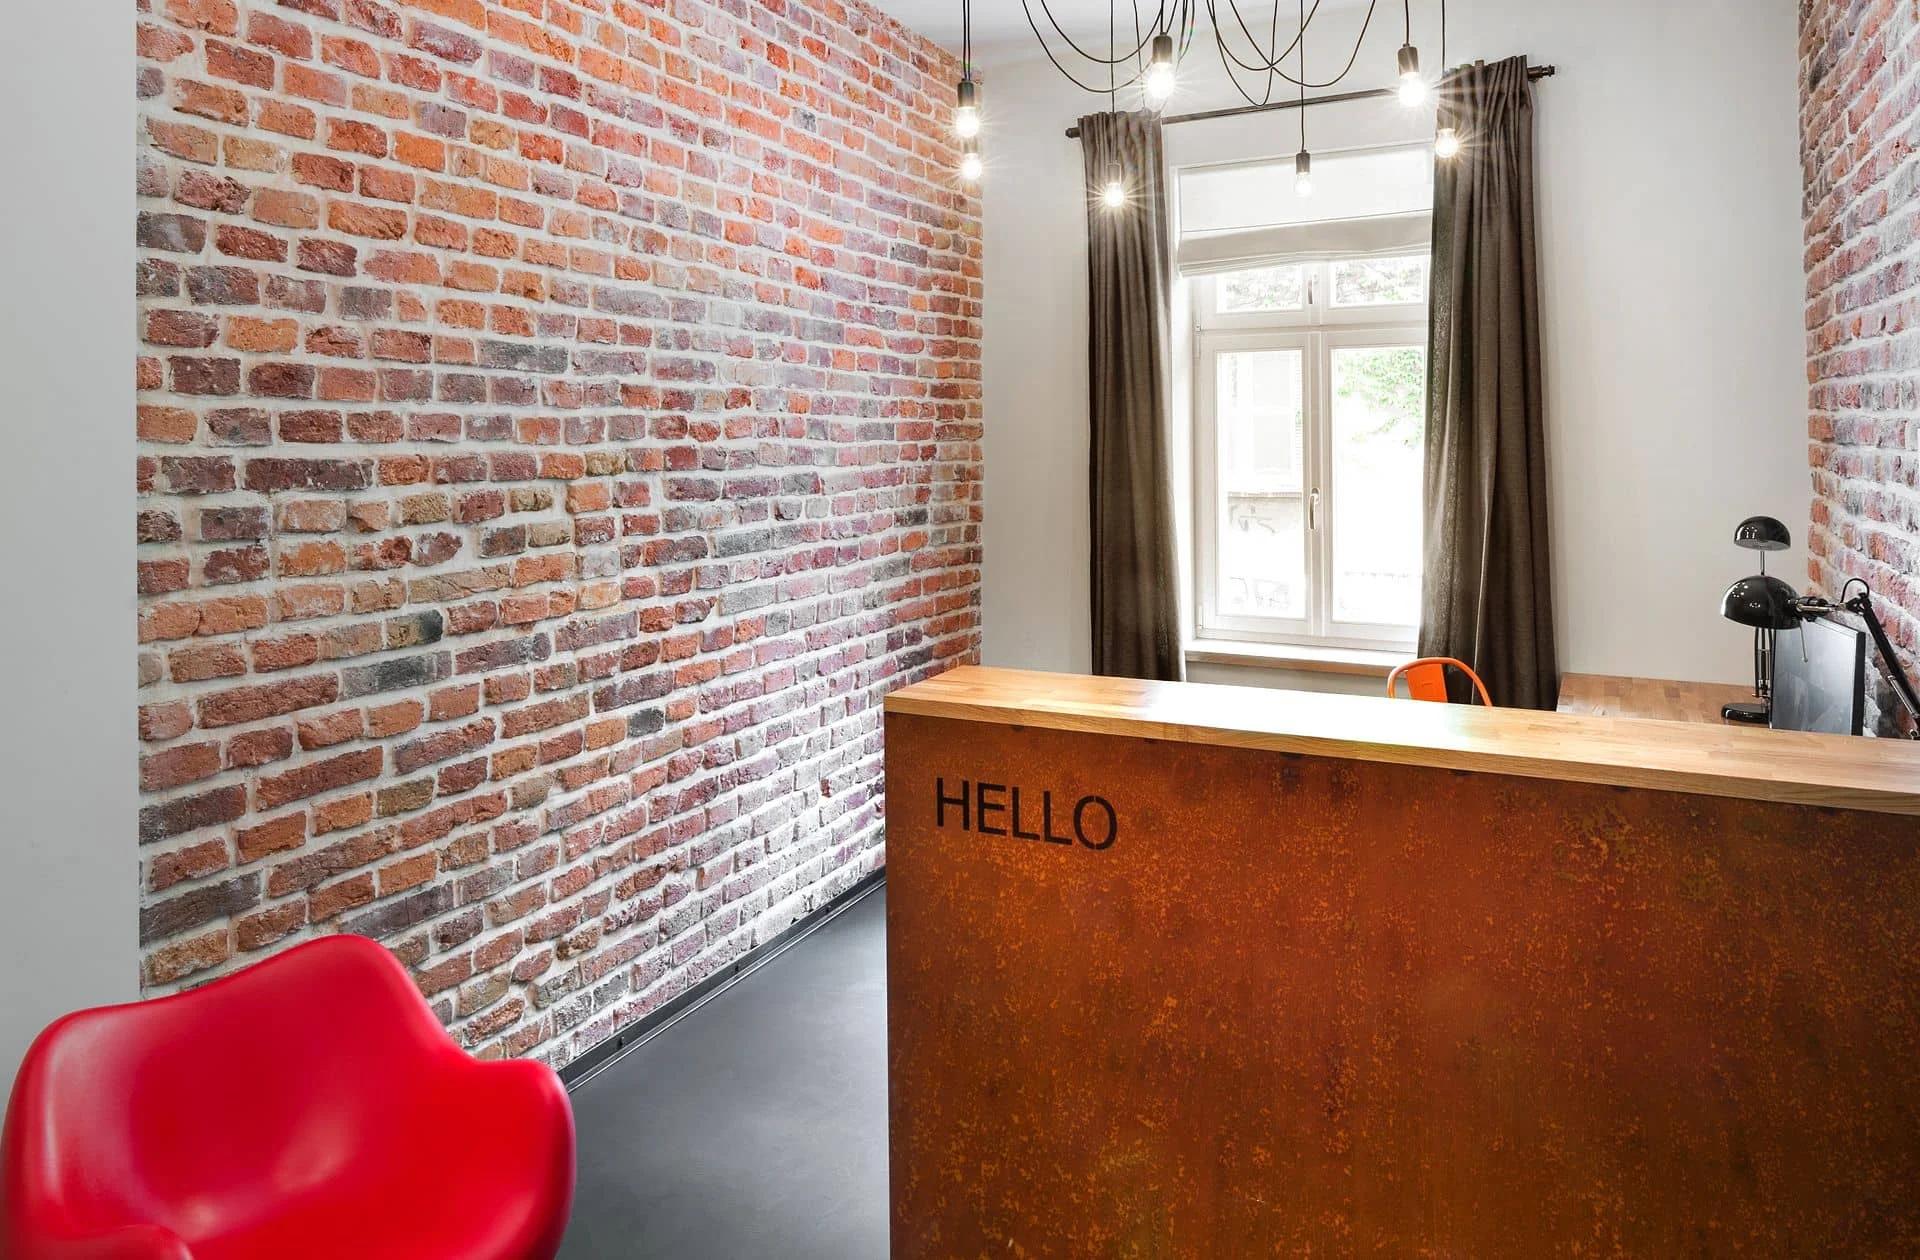 Well Well Aparthotel Kraków - wnętrza mieszkań, zdjęcia